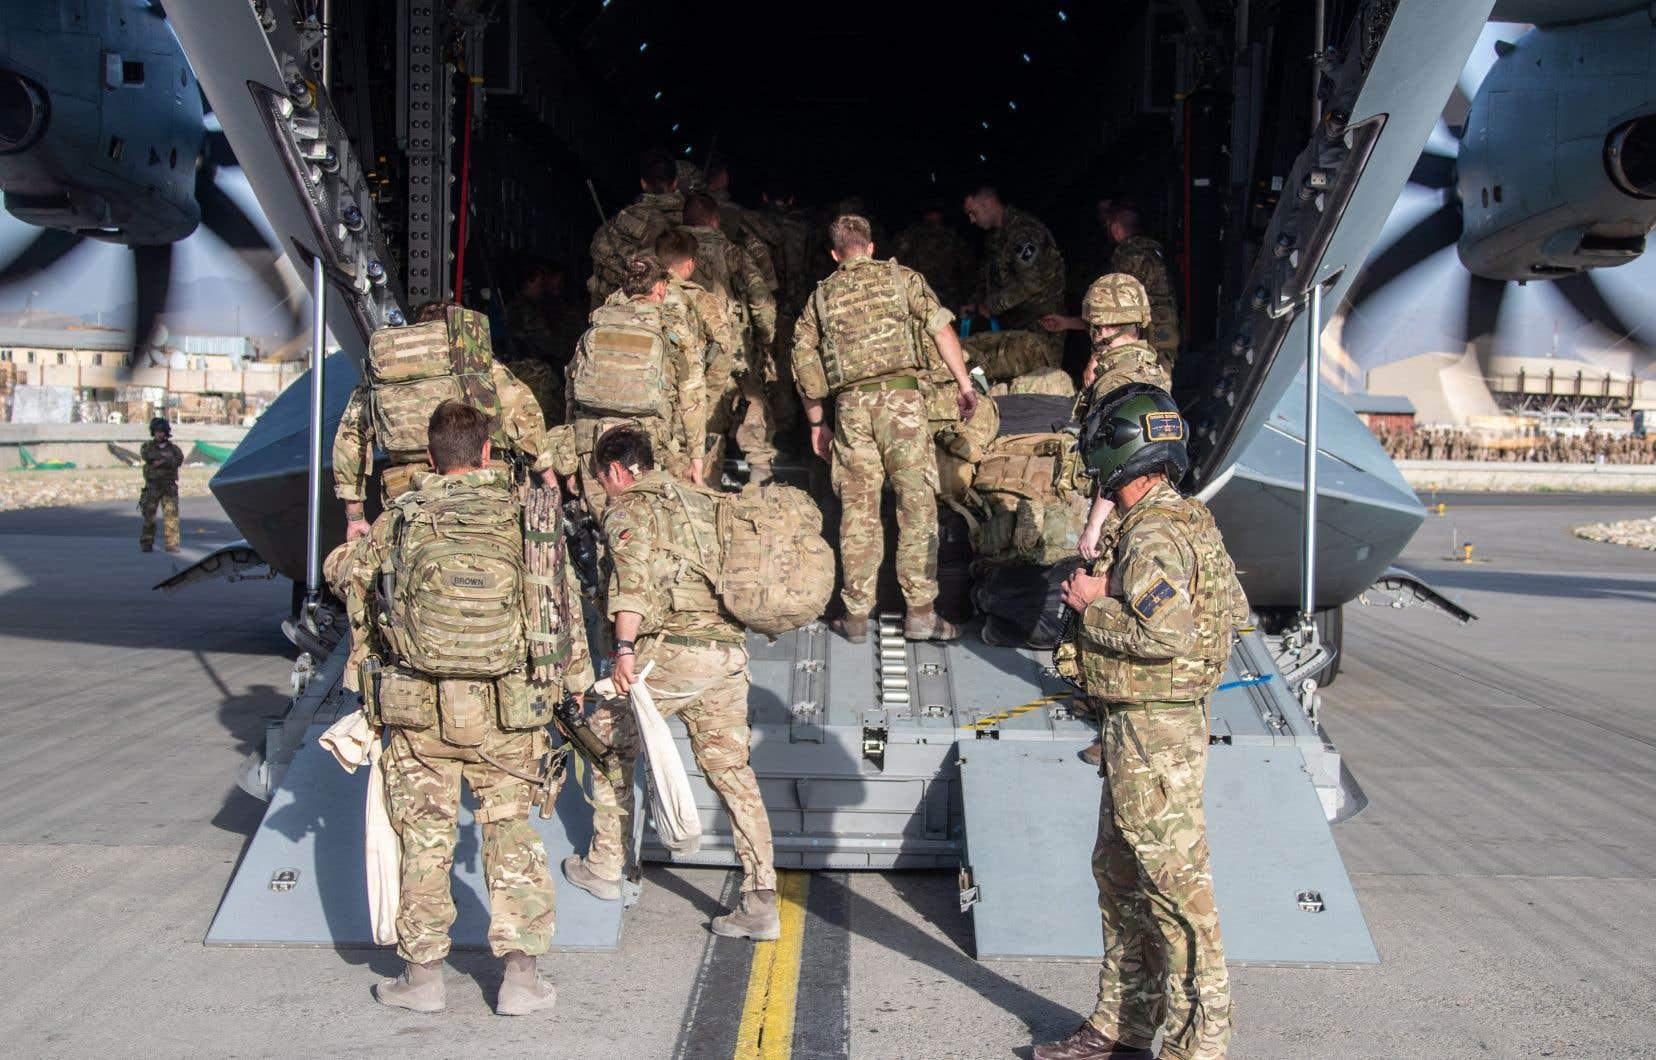 Joe Biden avait fait savoir samedi qu'une nouvelle attaque était « hautement probable », après l'attentat de jeudi aux abords de l'aéroport de Kaboul, revendiqué par l'EI-K et qui a fait plus d'une centaine de morts dont 13 militaires américains.